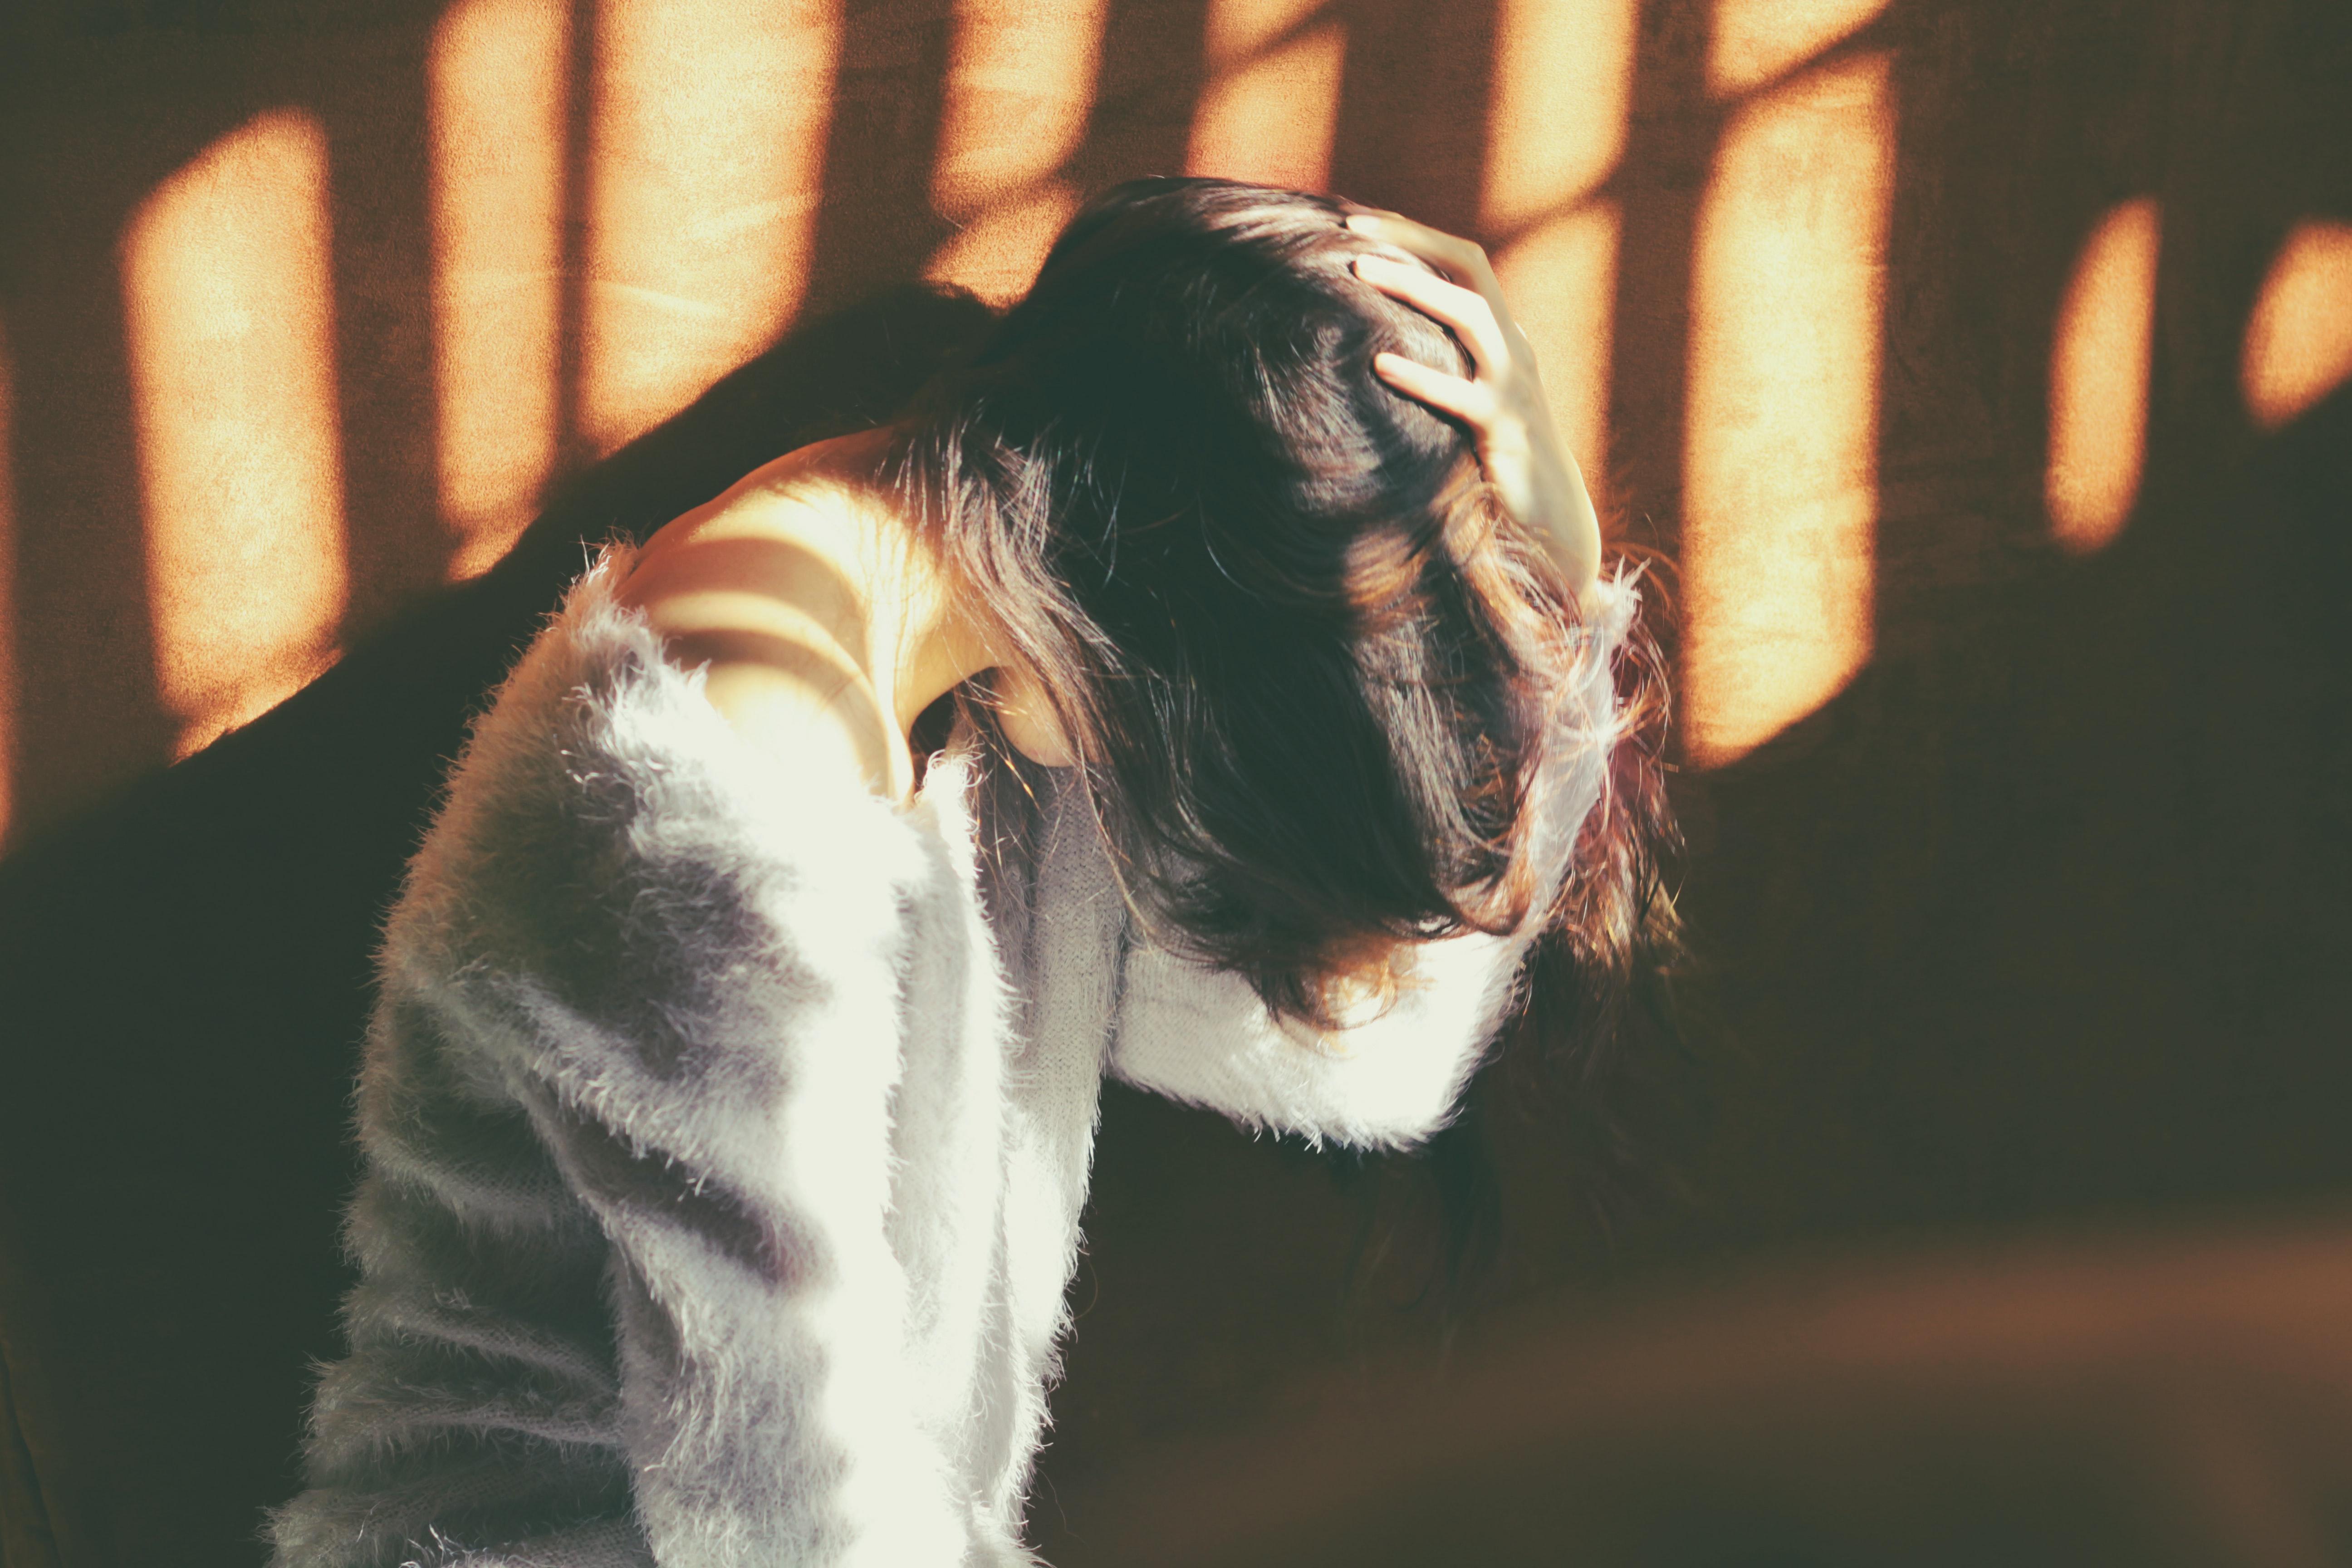 Ce poti face atunci cand te simti neajutorat?